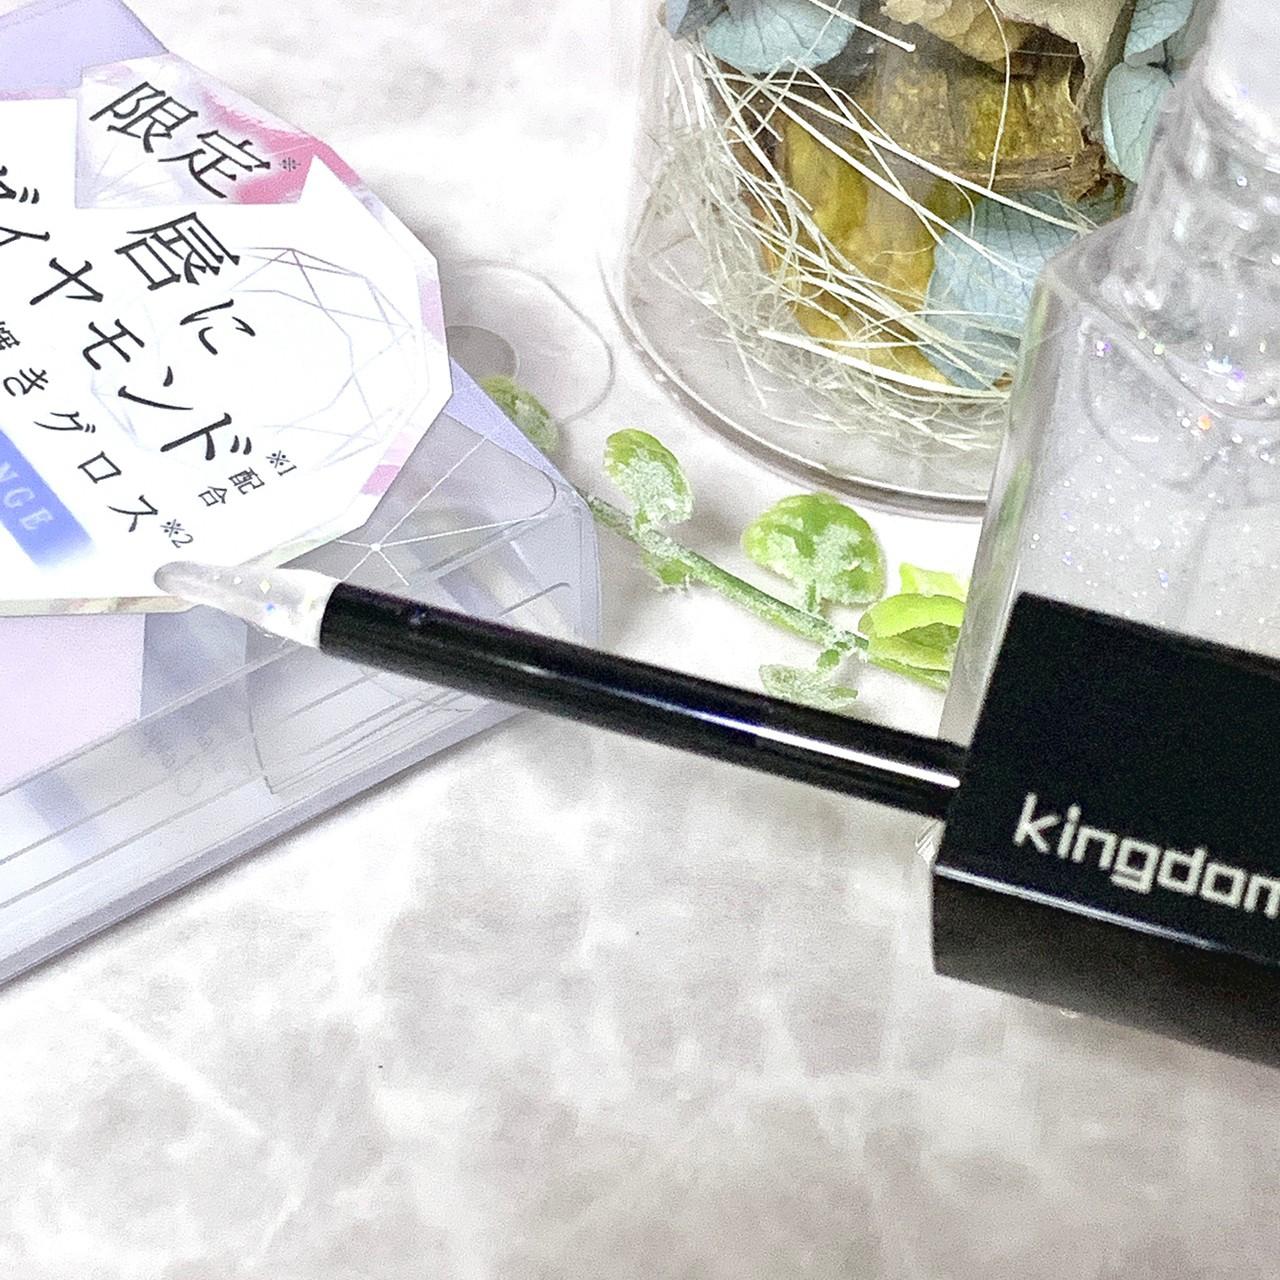 kingdom(キングダム) ジュエリープレシャスグロスの良い点・メリットに関するkana_cafe_timeさんの口コミ画像2